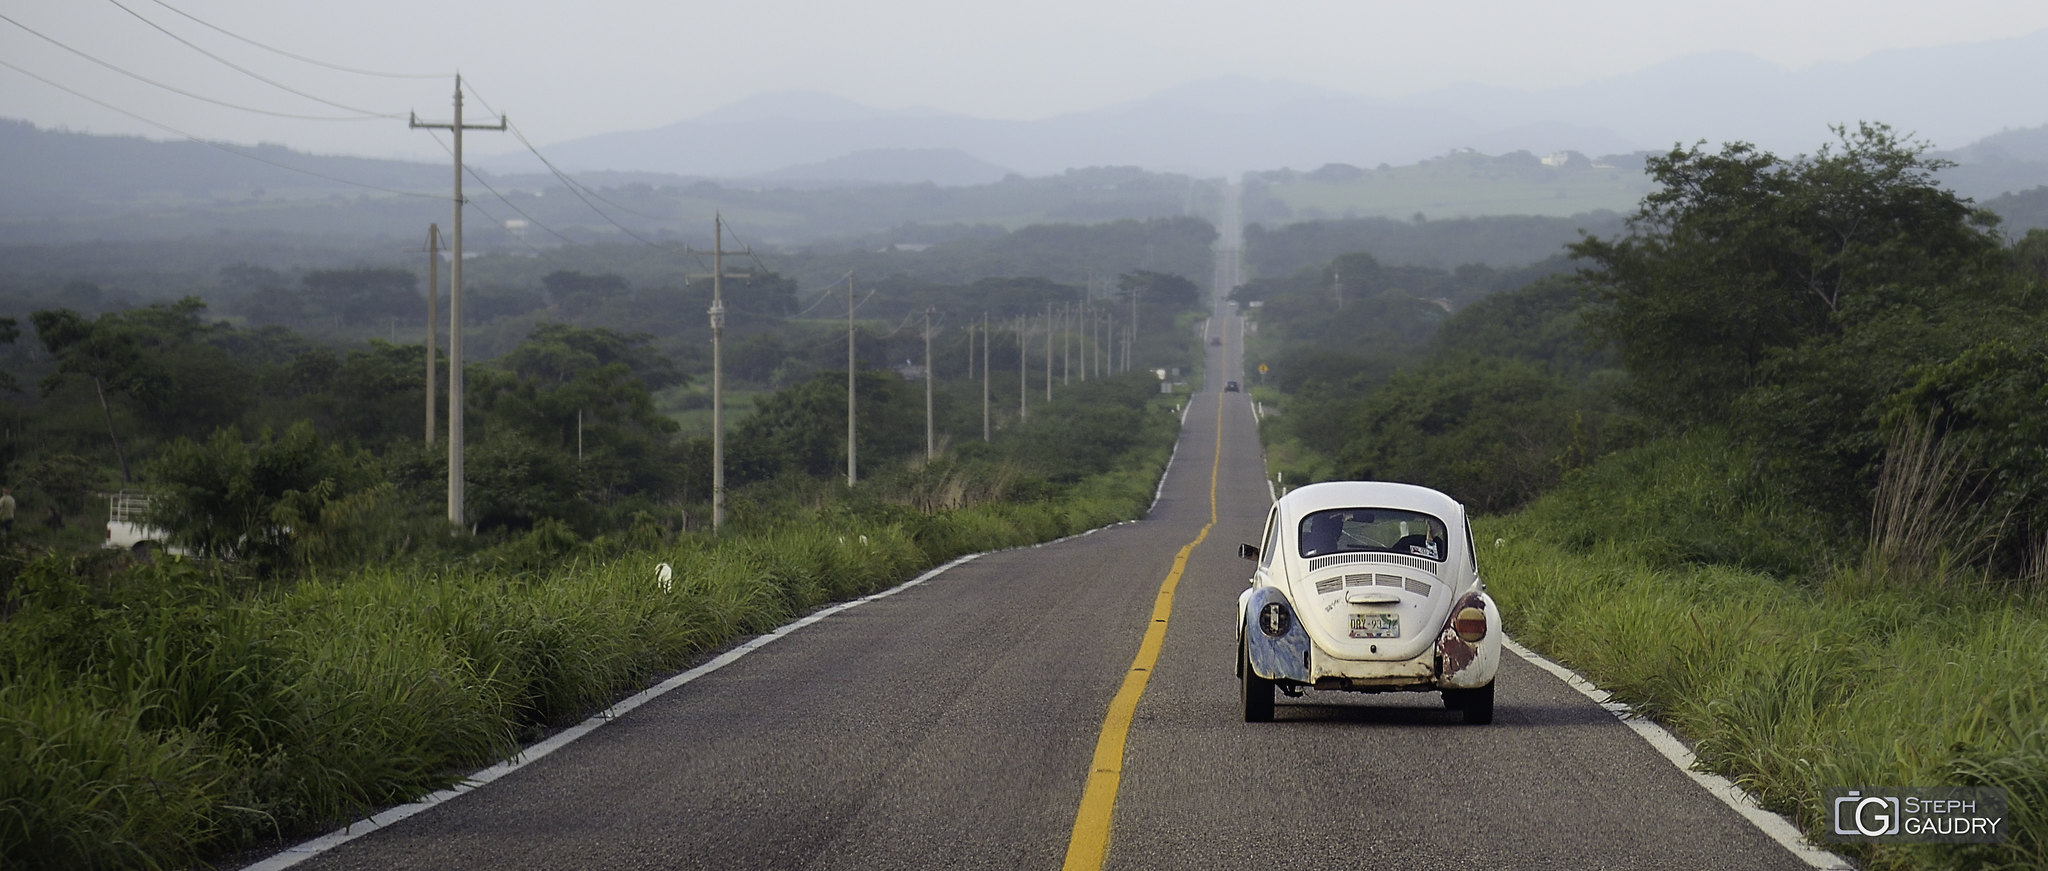 Rio Grande, Chiapas - Road Trip Mexique 2019 [Klik om de diavoorstelling te starten]